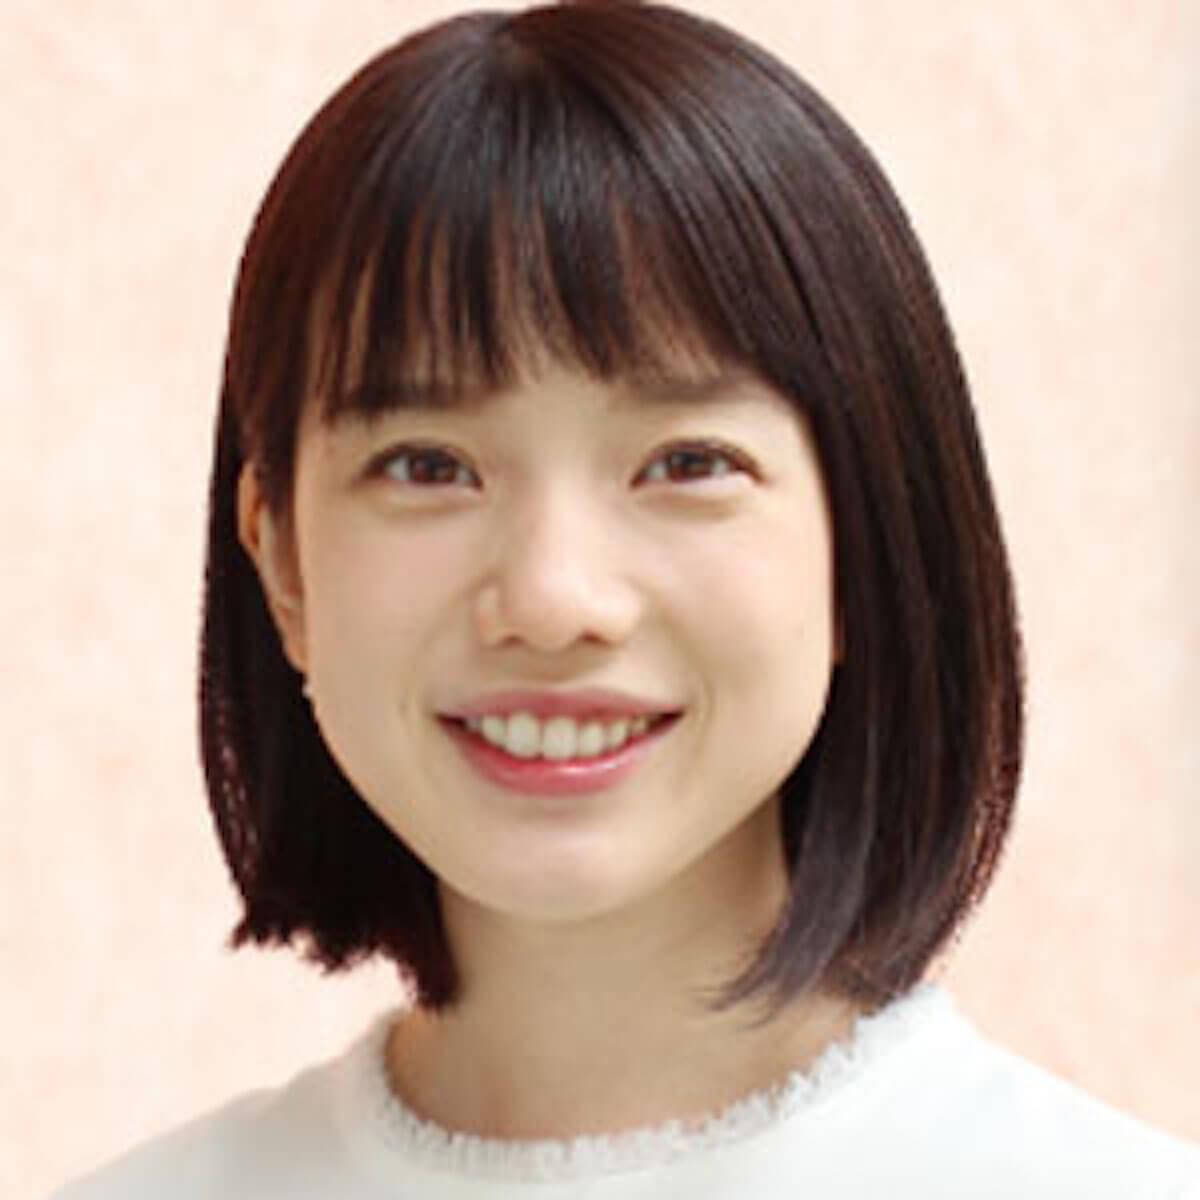 綾香 メイク 弘中